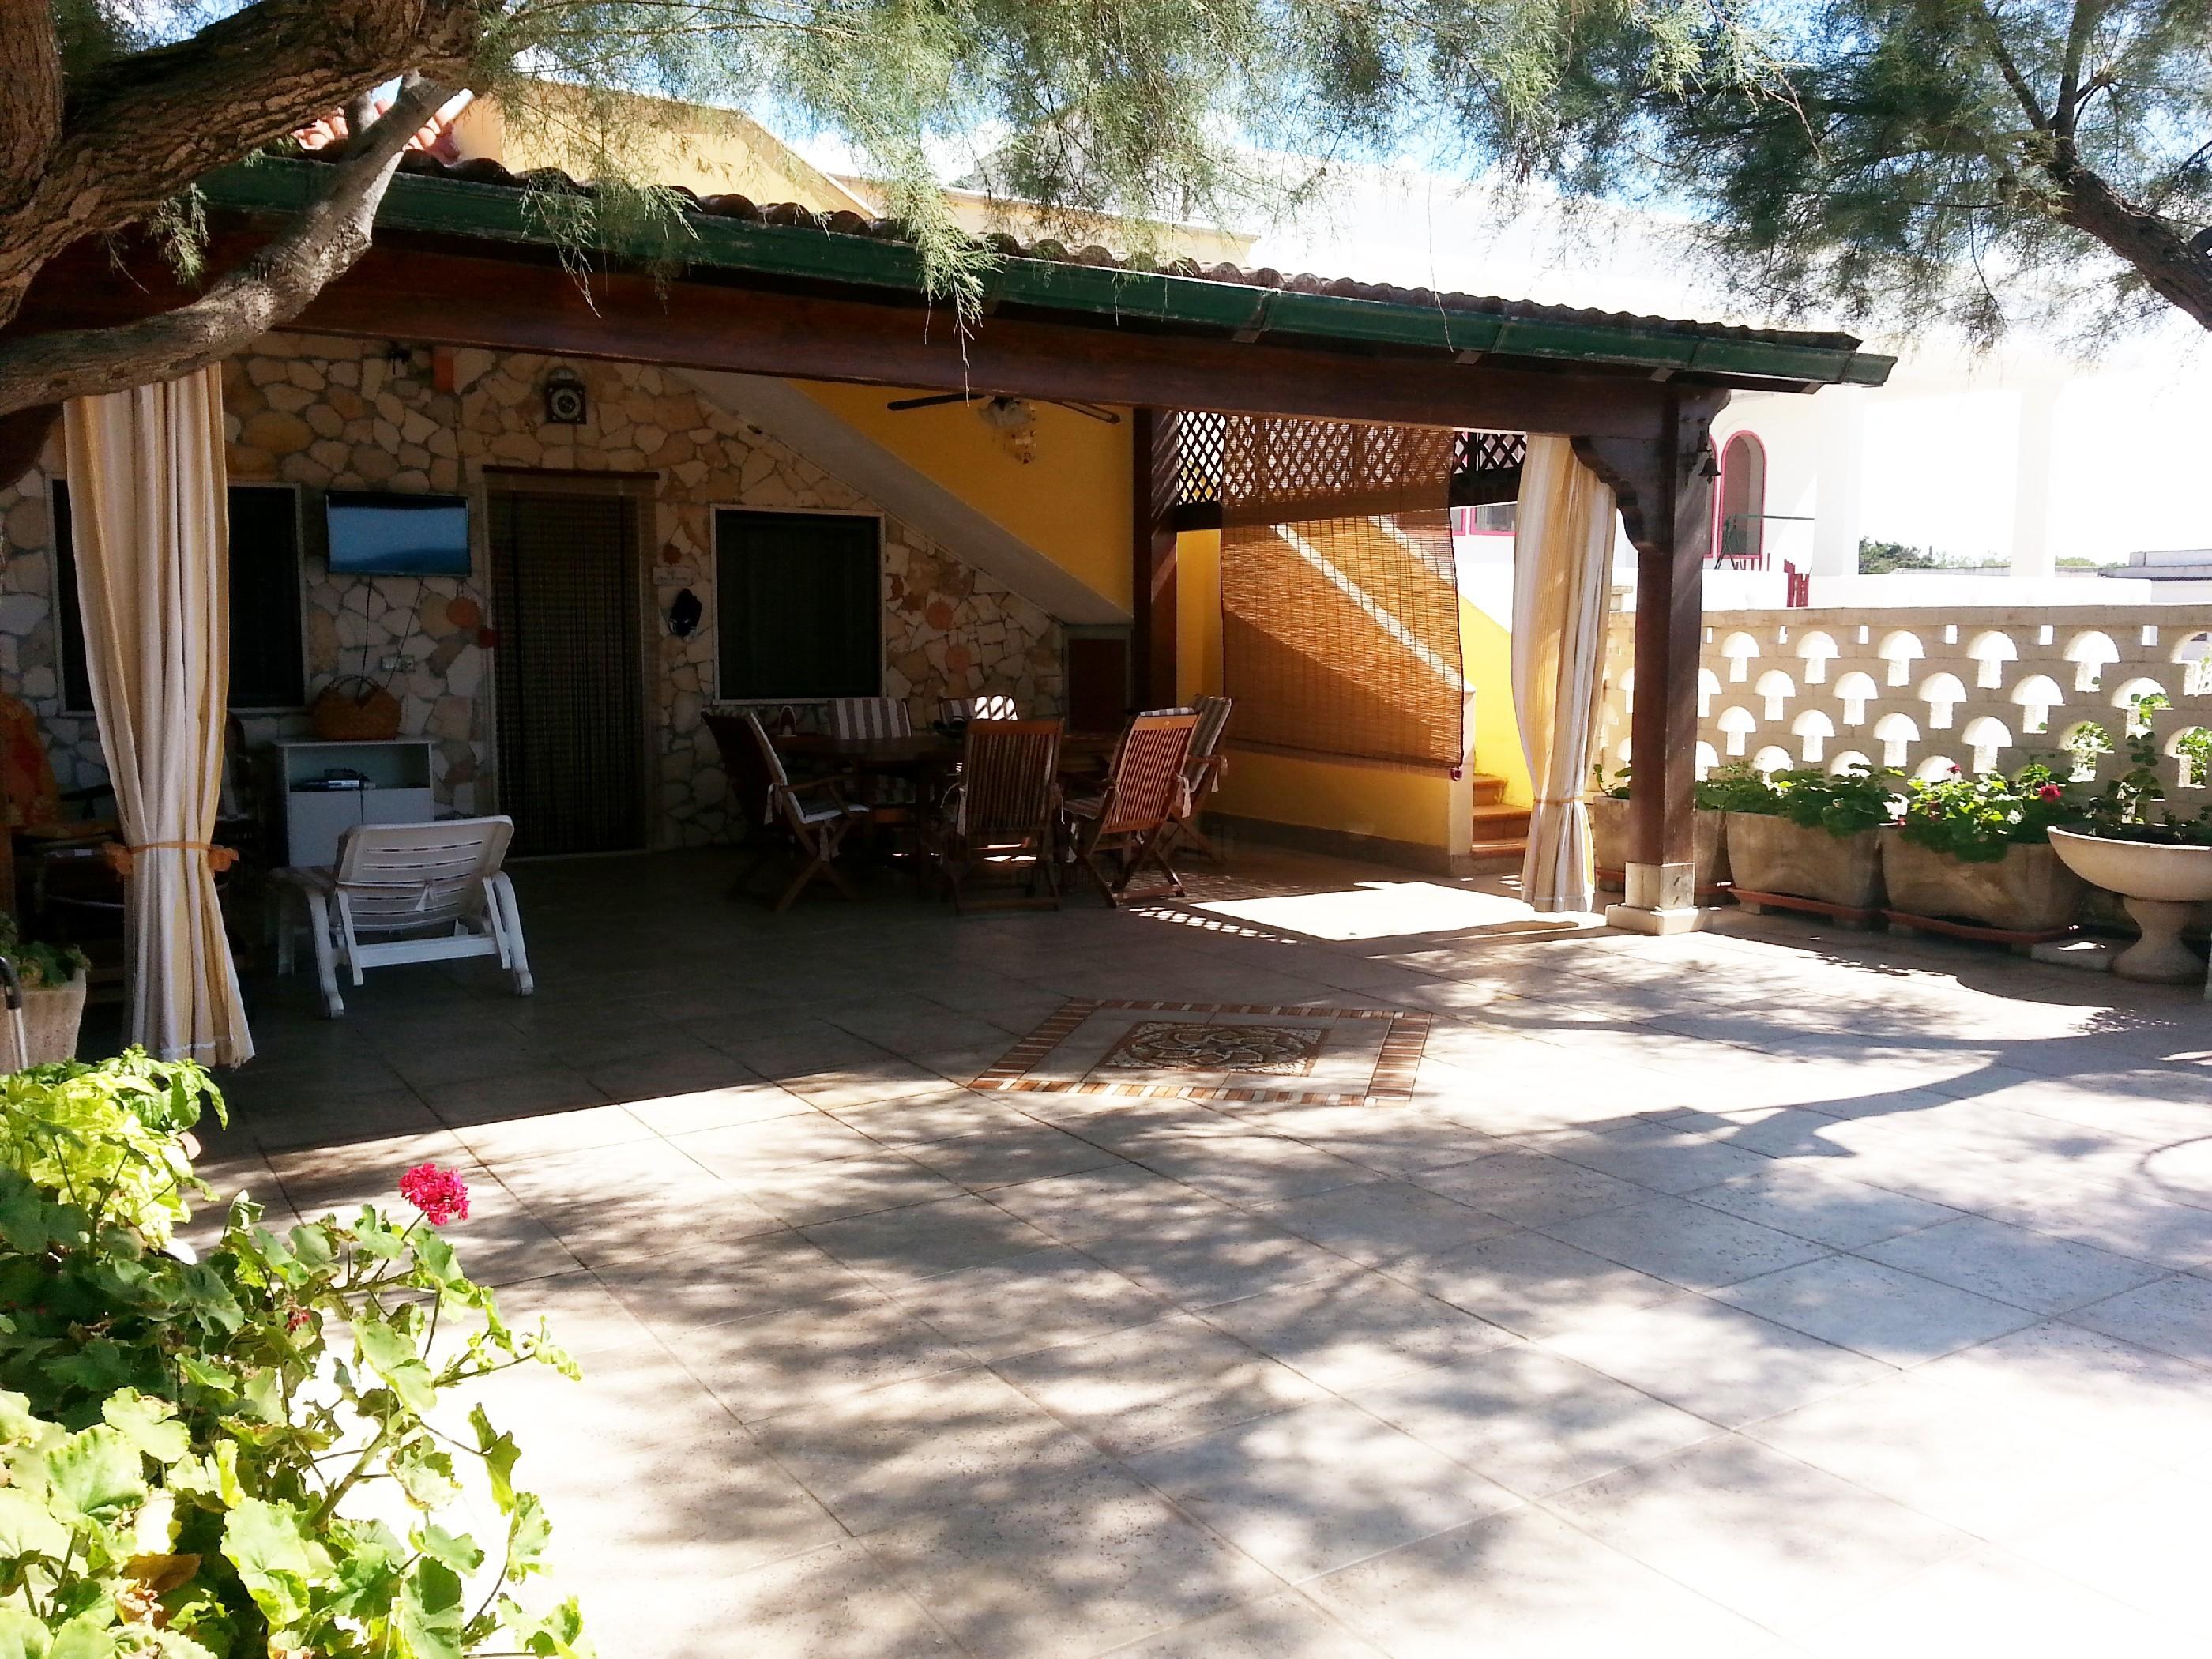 I Monaci front beach Specchiarica photo 22455905